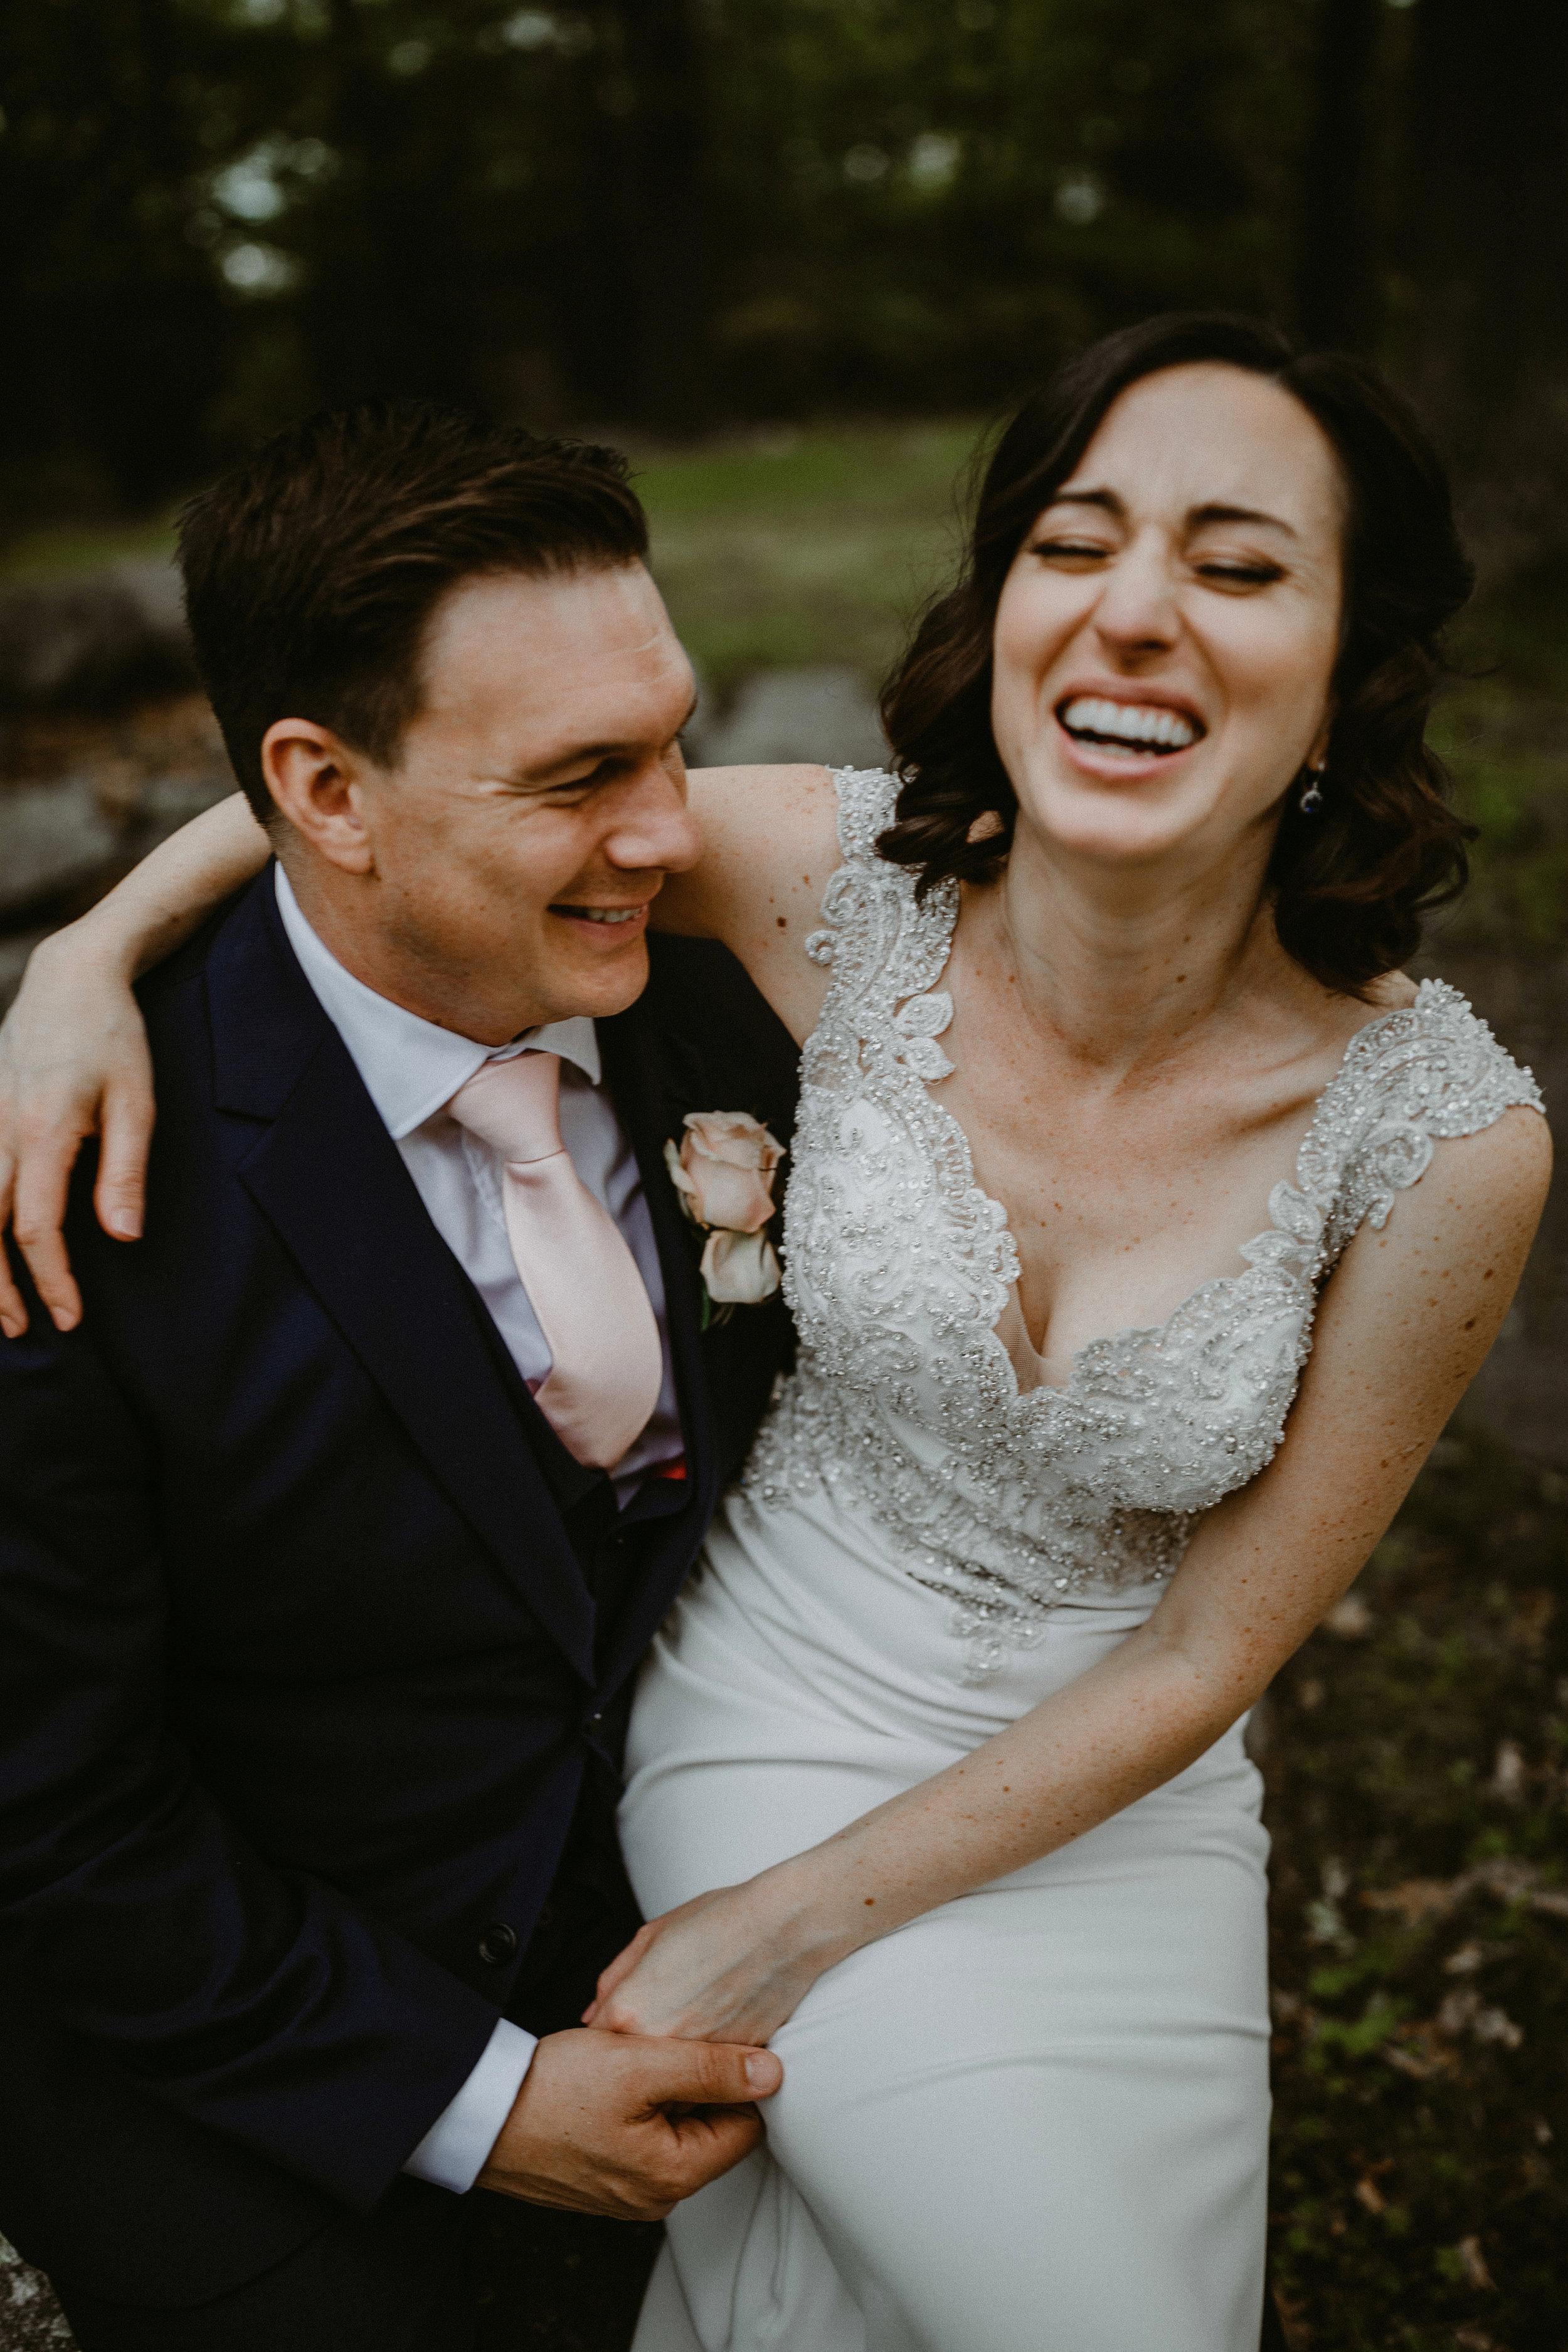 LaurenandAlex-weddingpreviews(34of35).jpg